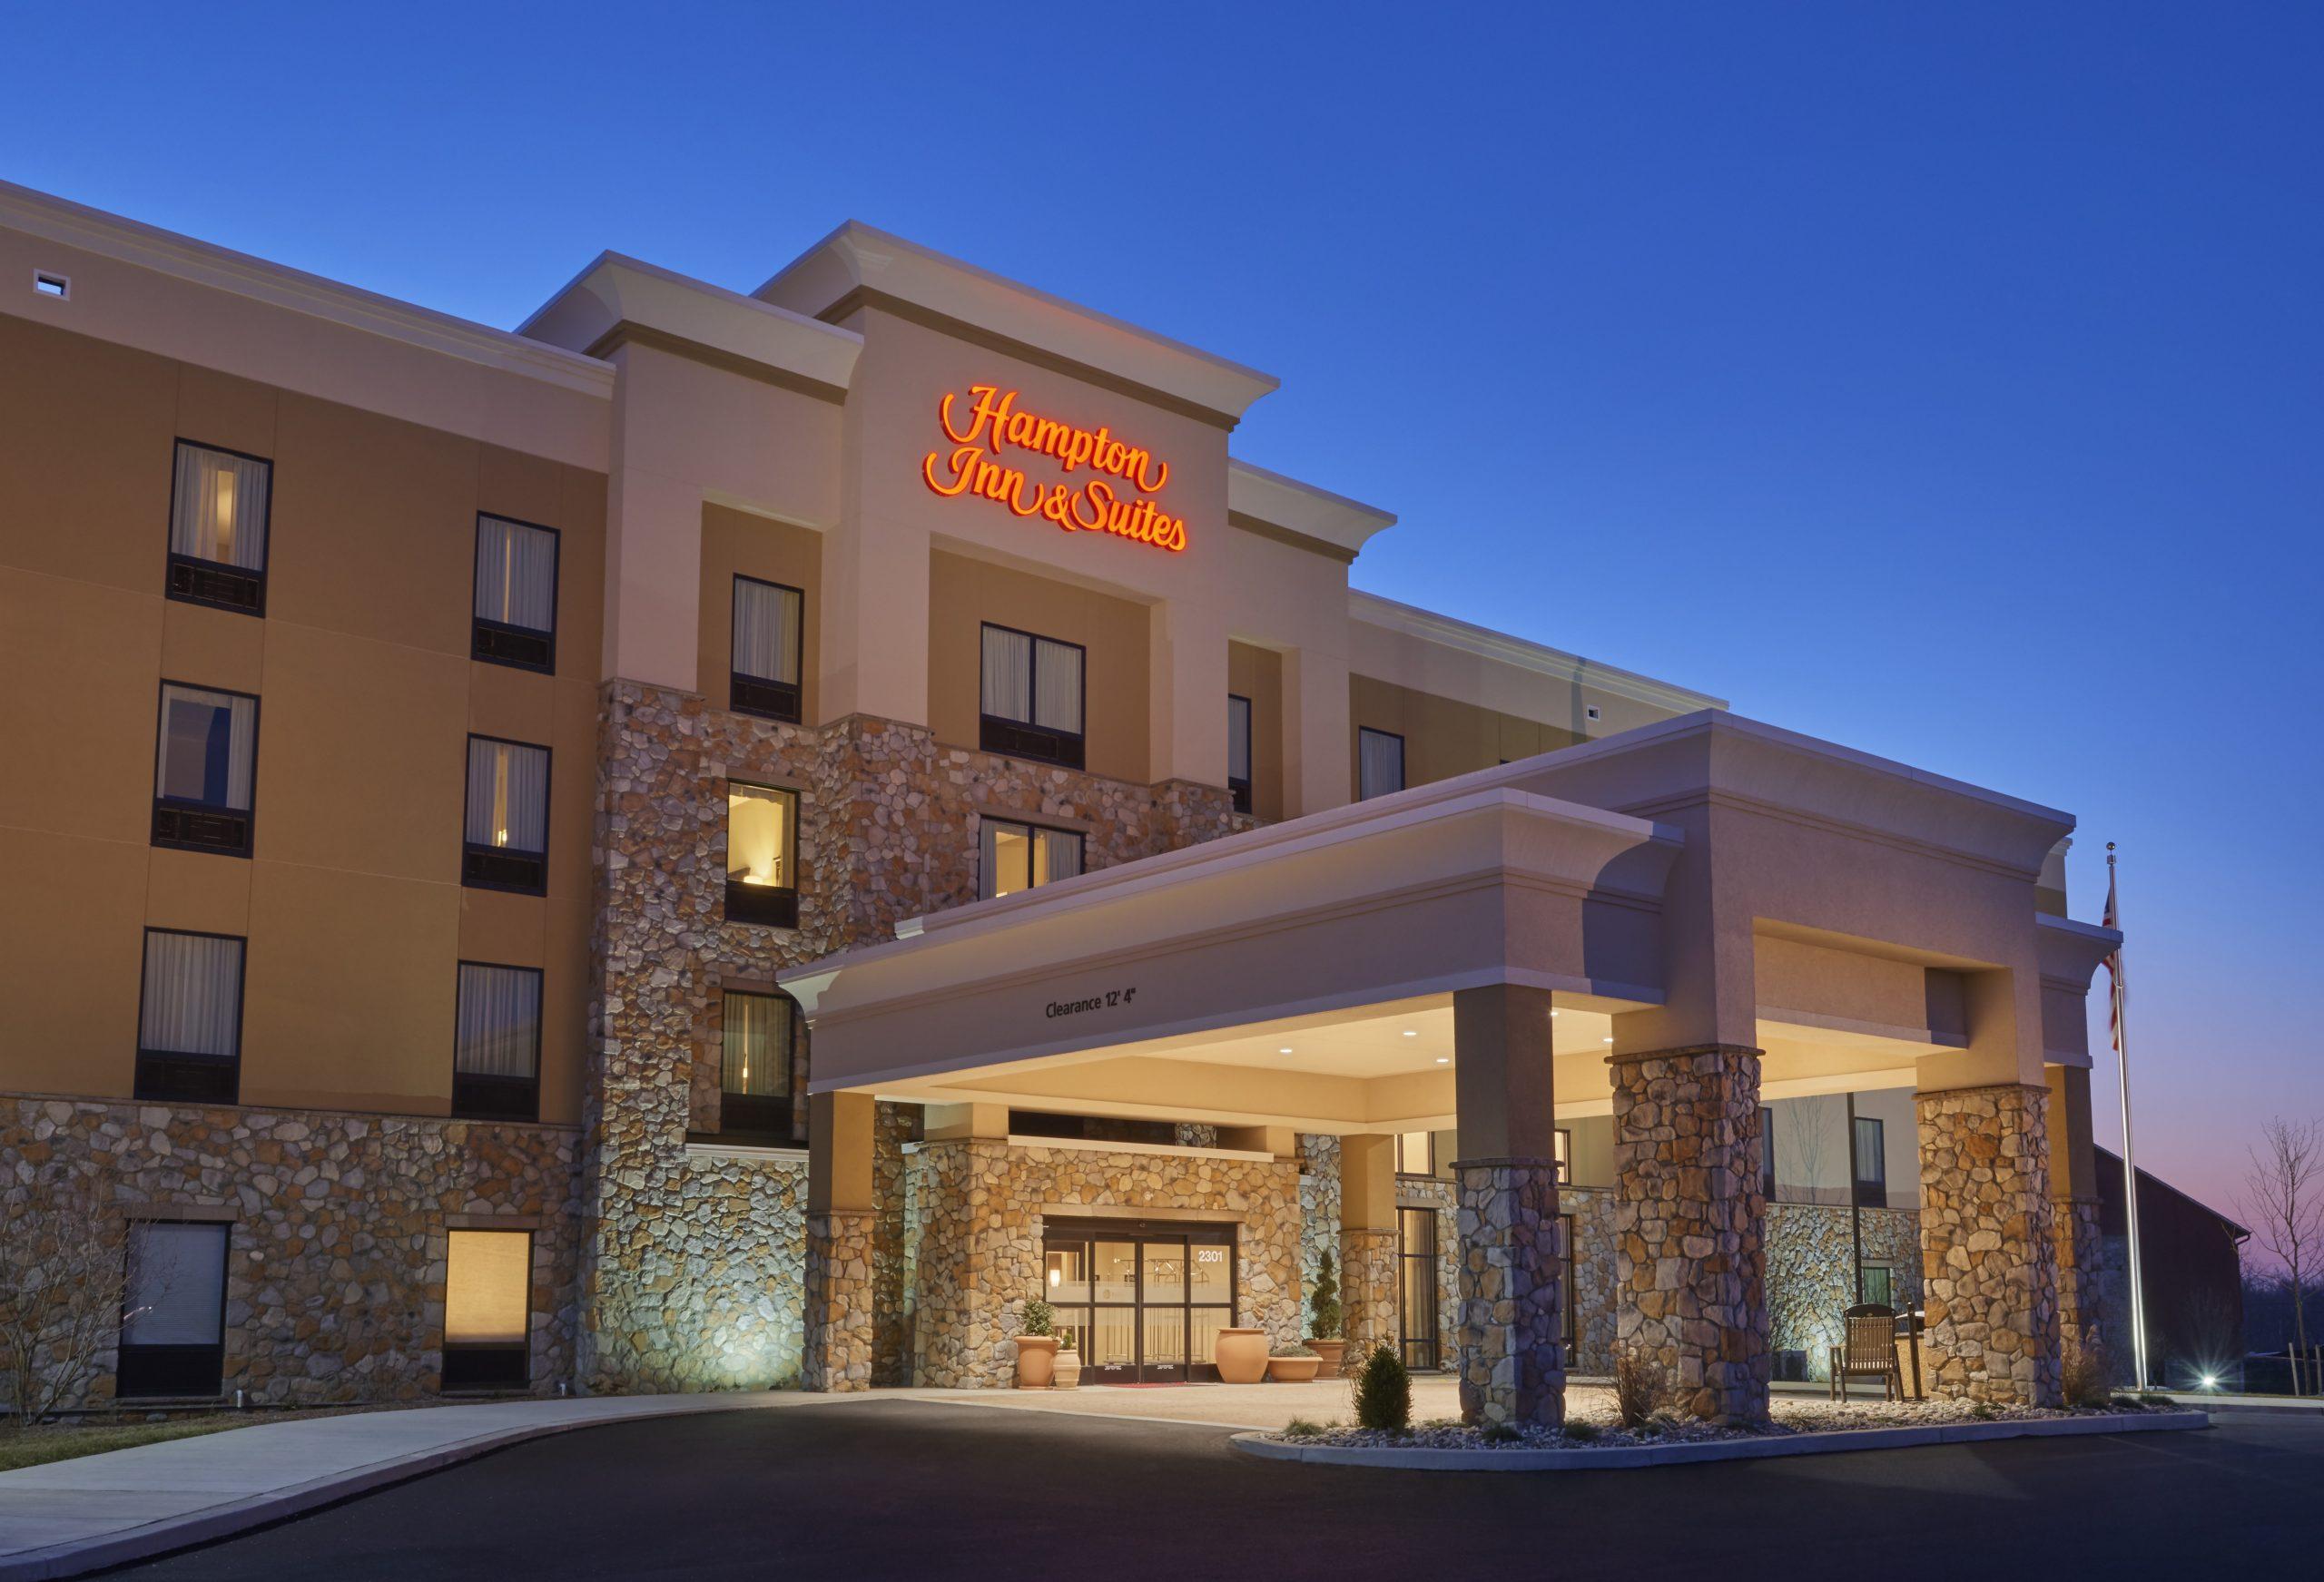 Hampton Inn & Suites Hotel